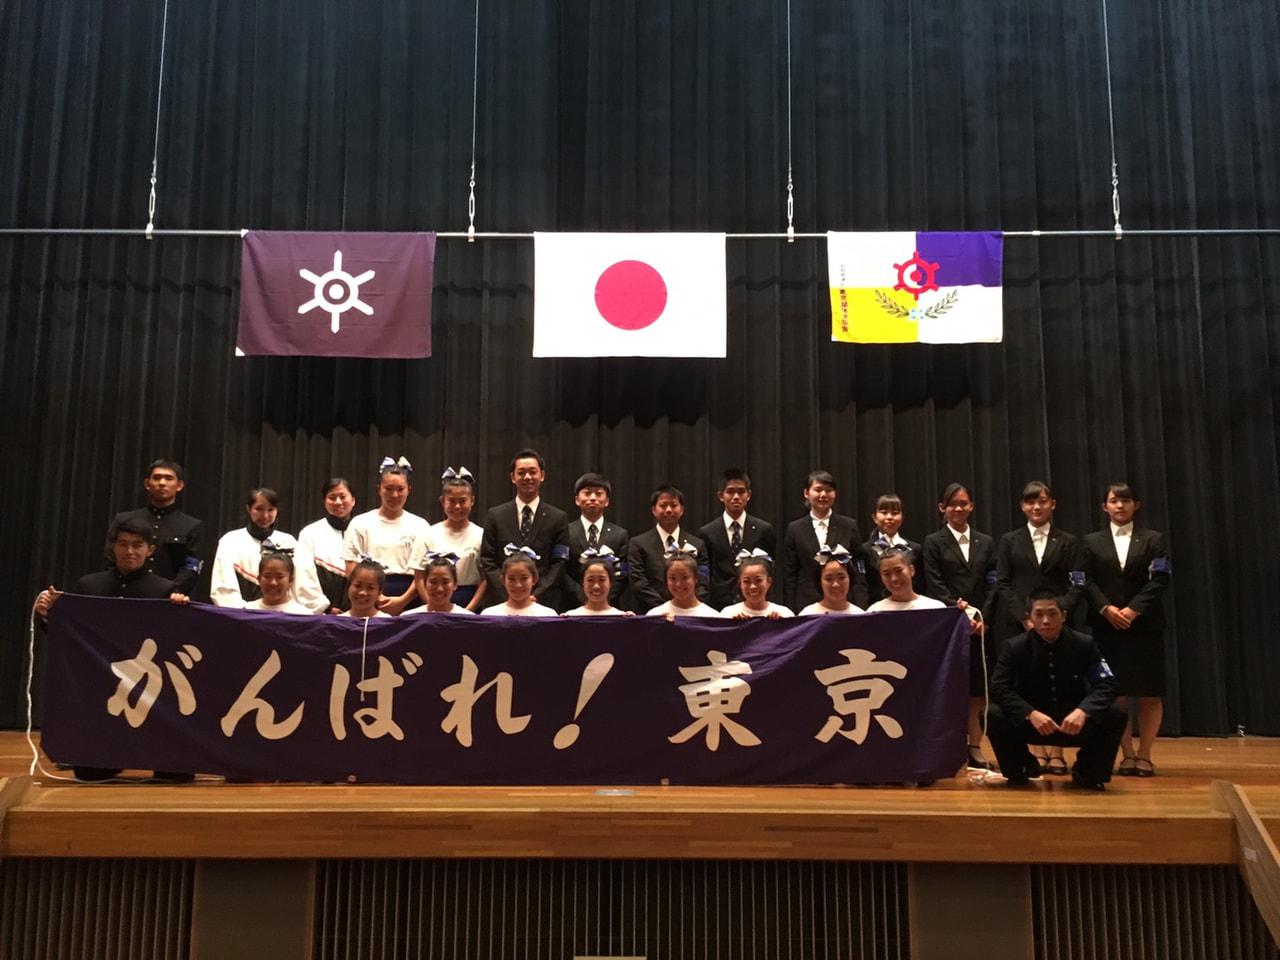 第74回国民体育大会東京都選手団結団式